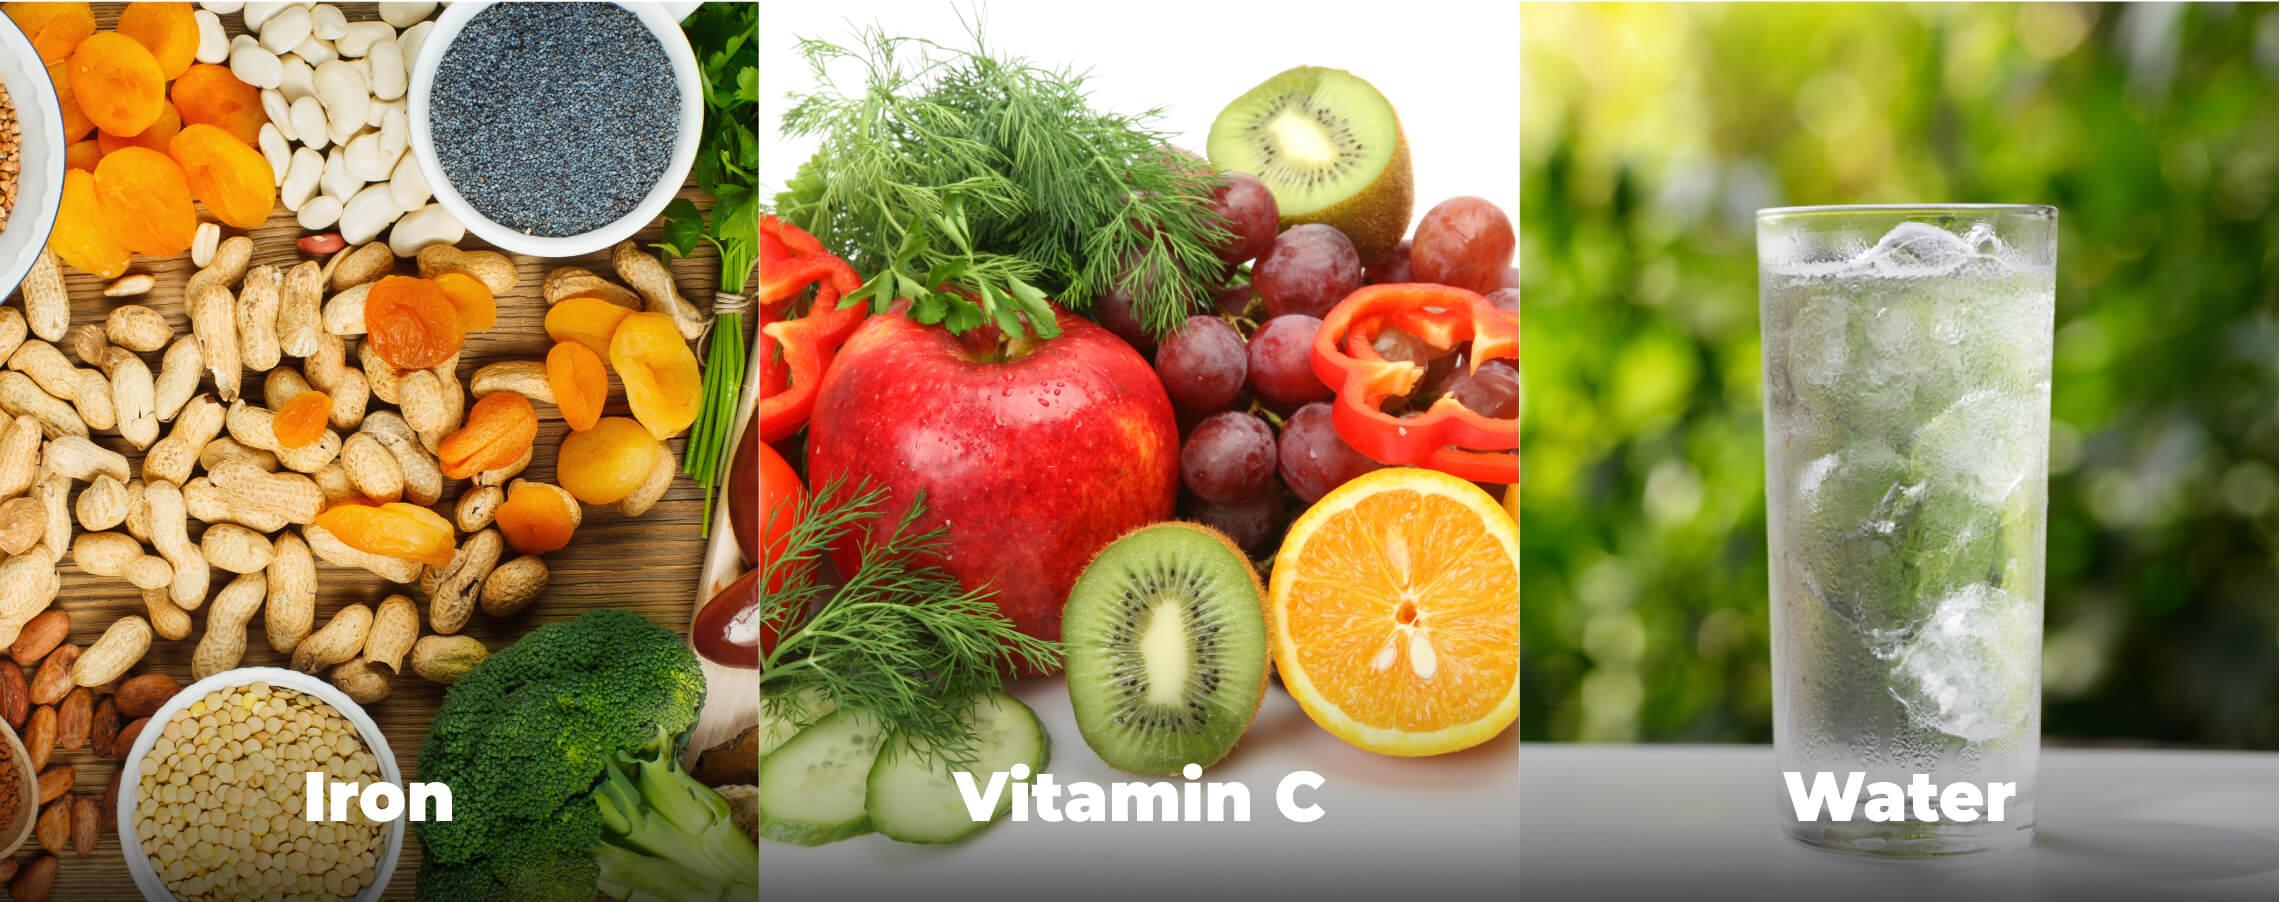 Iron, Vitamin C and Water